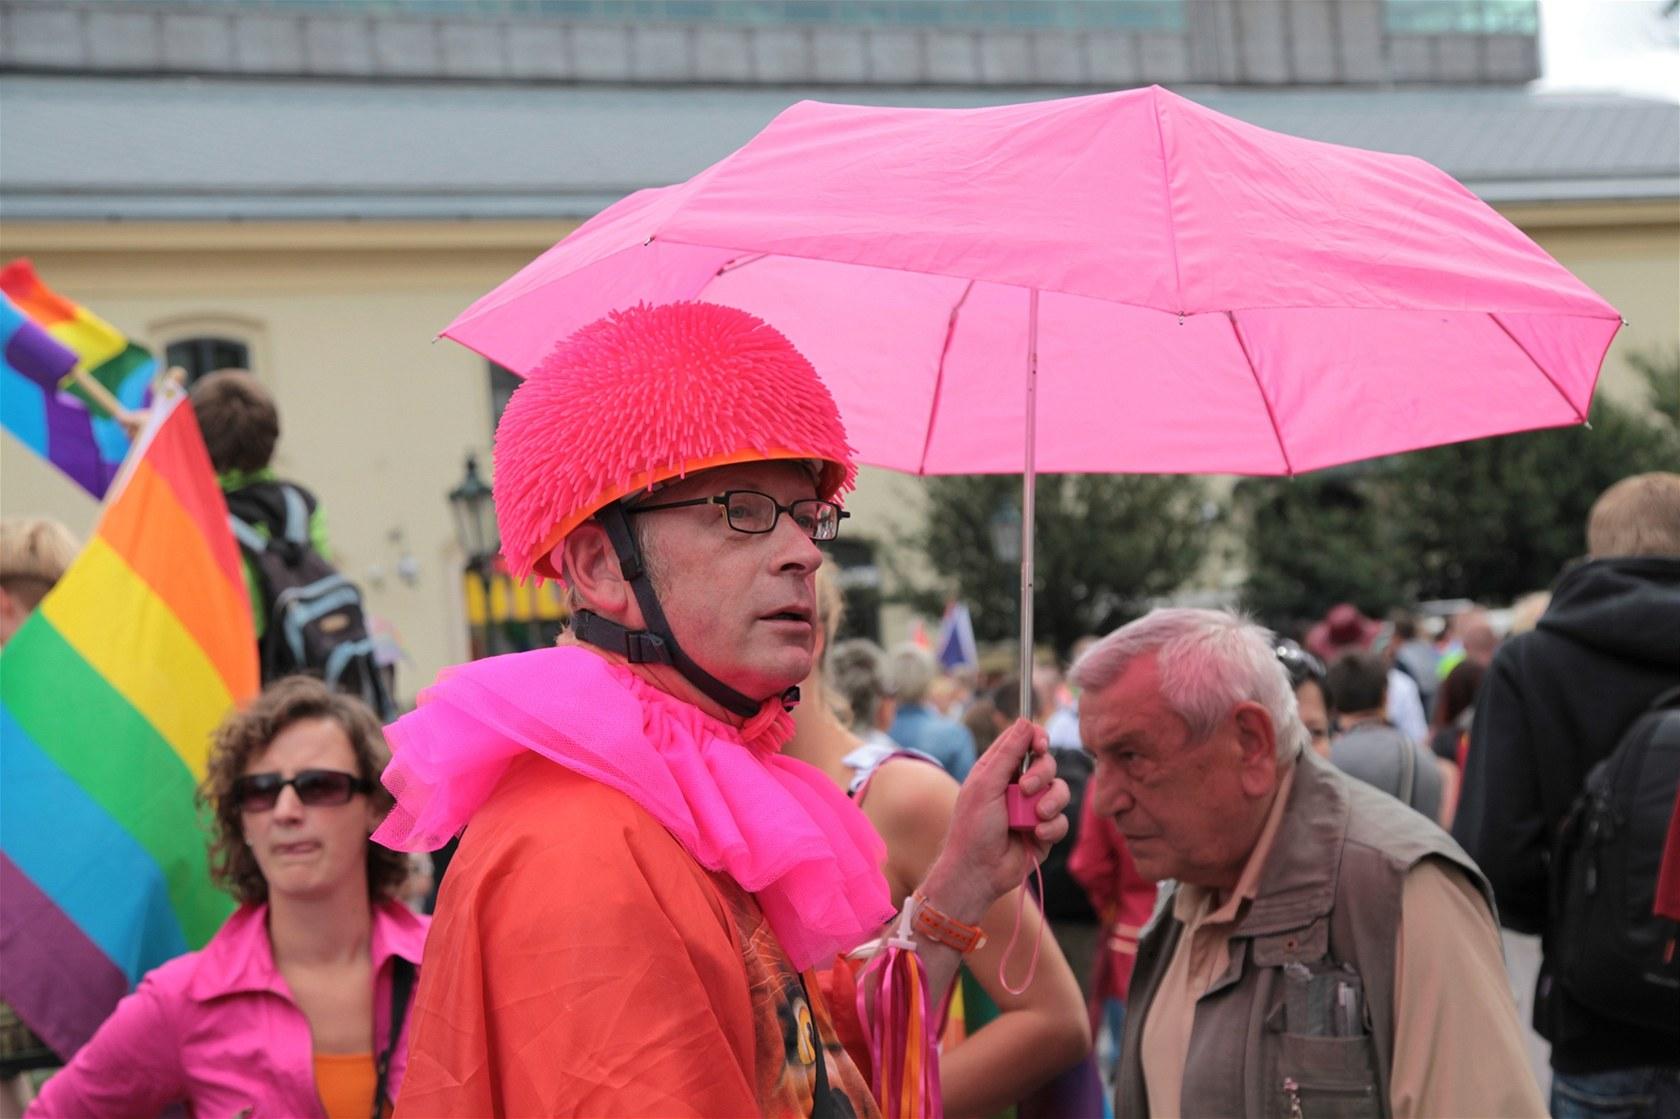 CzechTourism планирует привлекать в Чехию туристов-геев